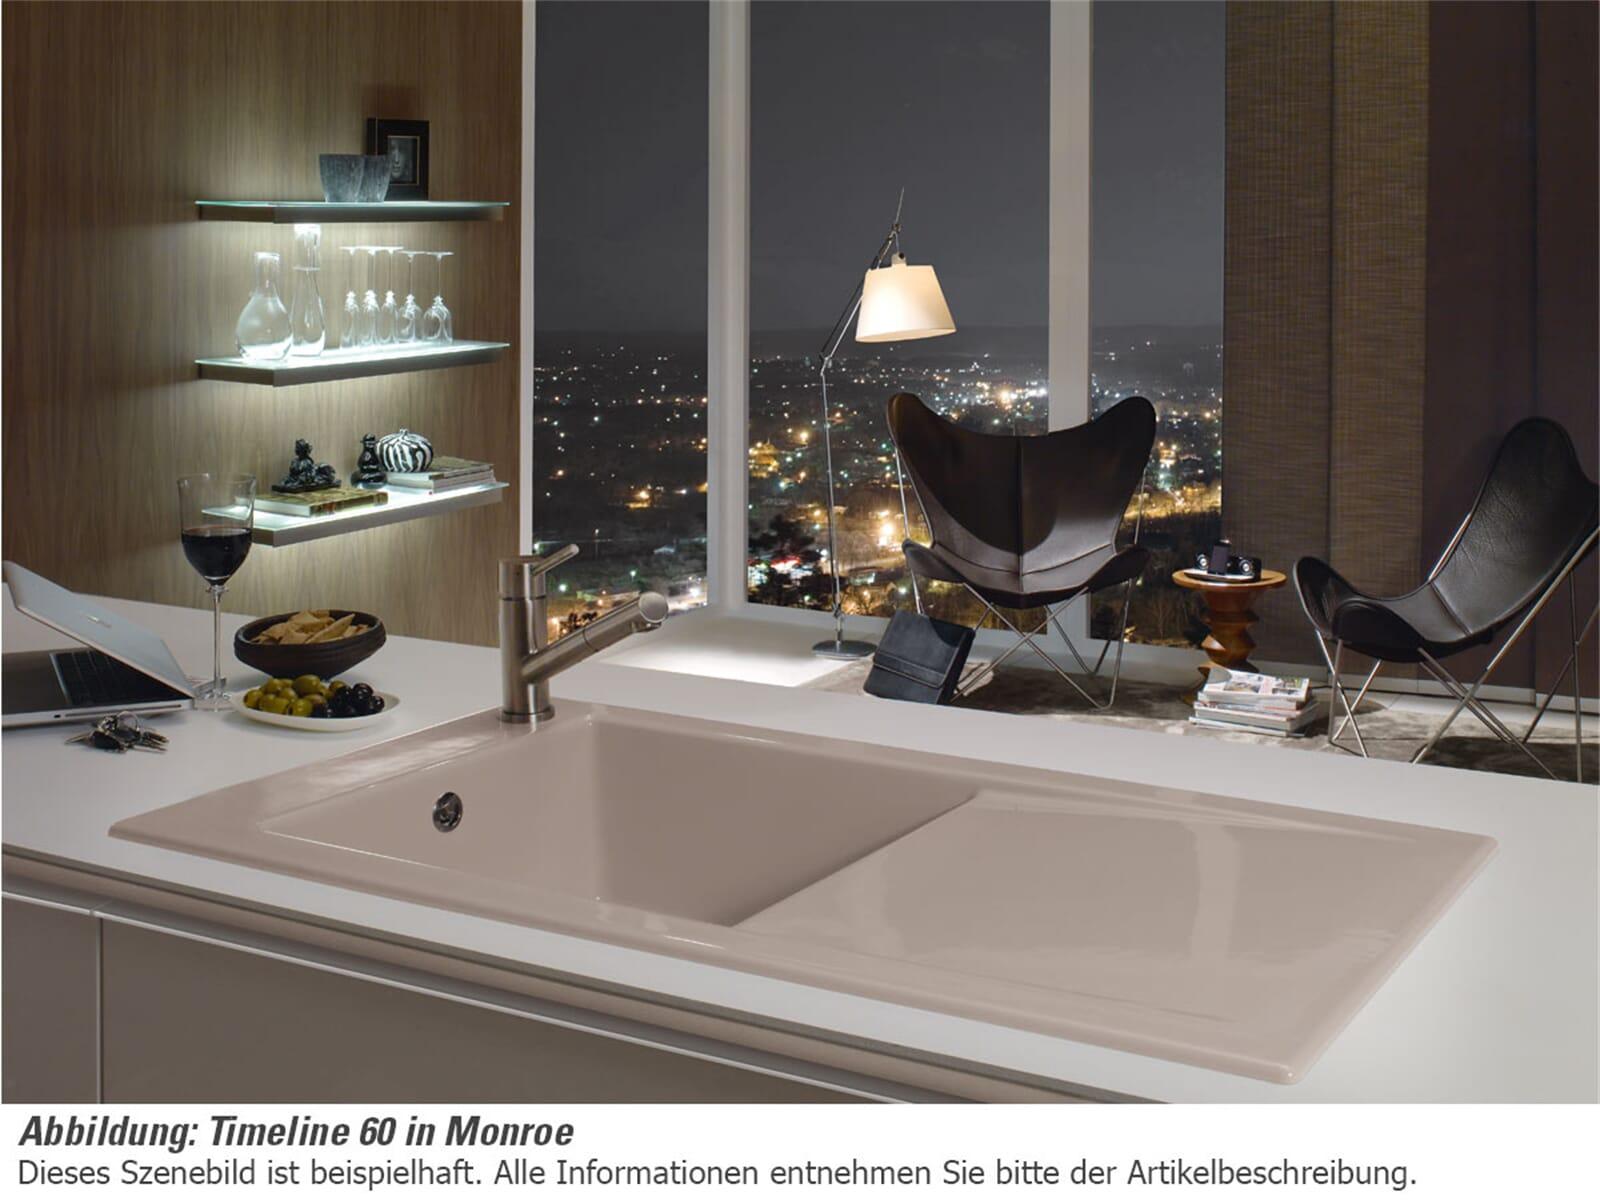 Villeroy & Boch Timeline 60 Ebony - 6790 01 S5 Keramikspüle Handbetätigung